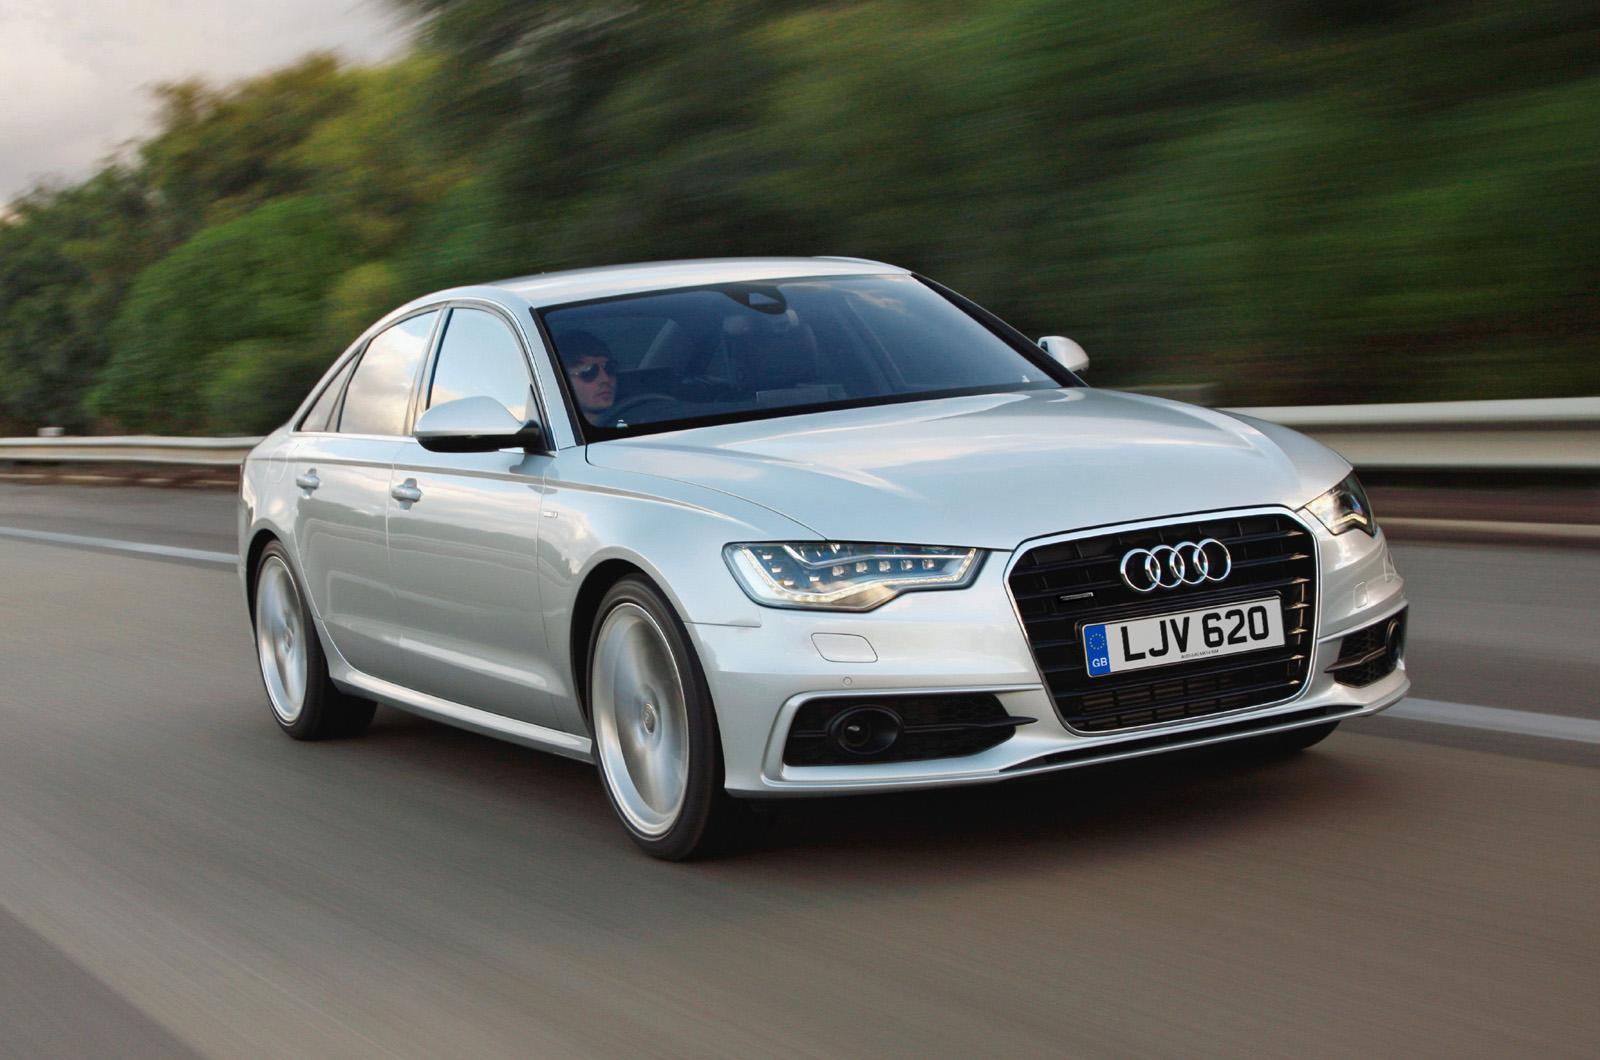 Kelebihan Kekurangan Audi A6 Quattro 3.0 Tdi Perbandingan Harga